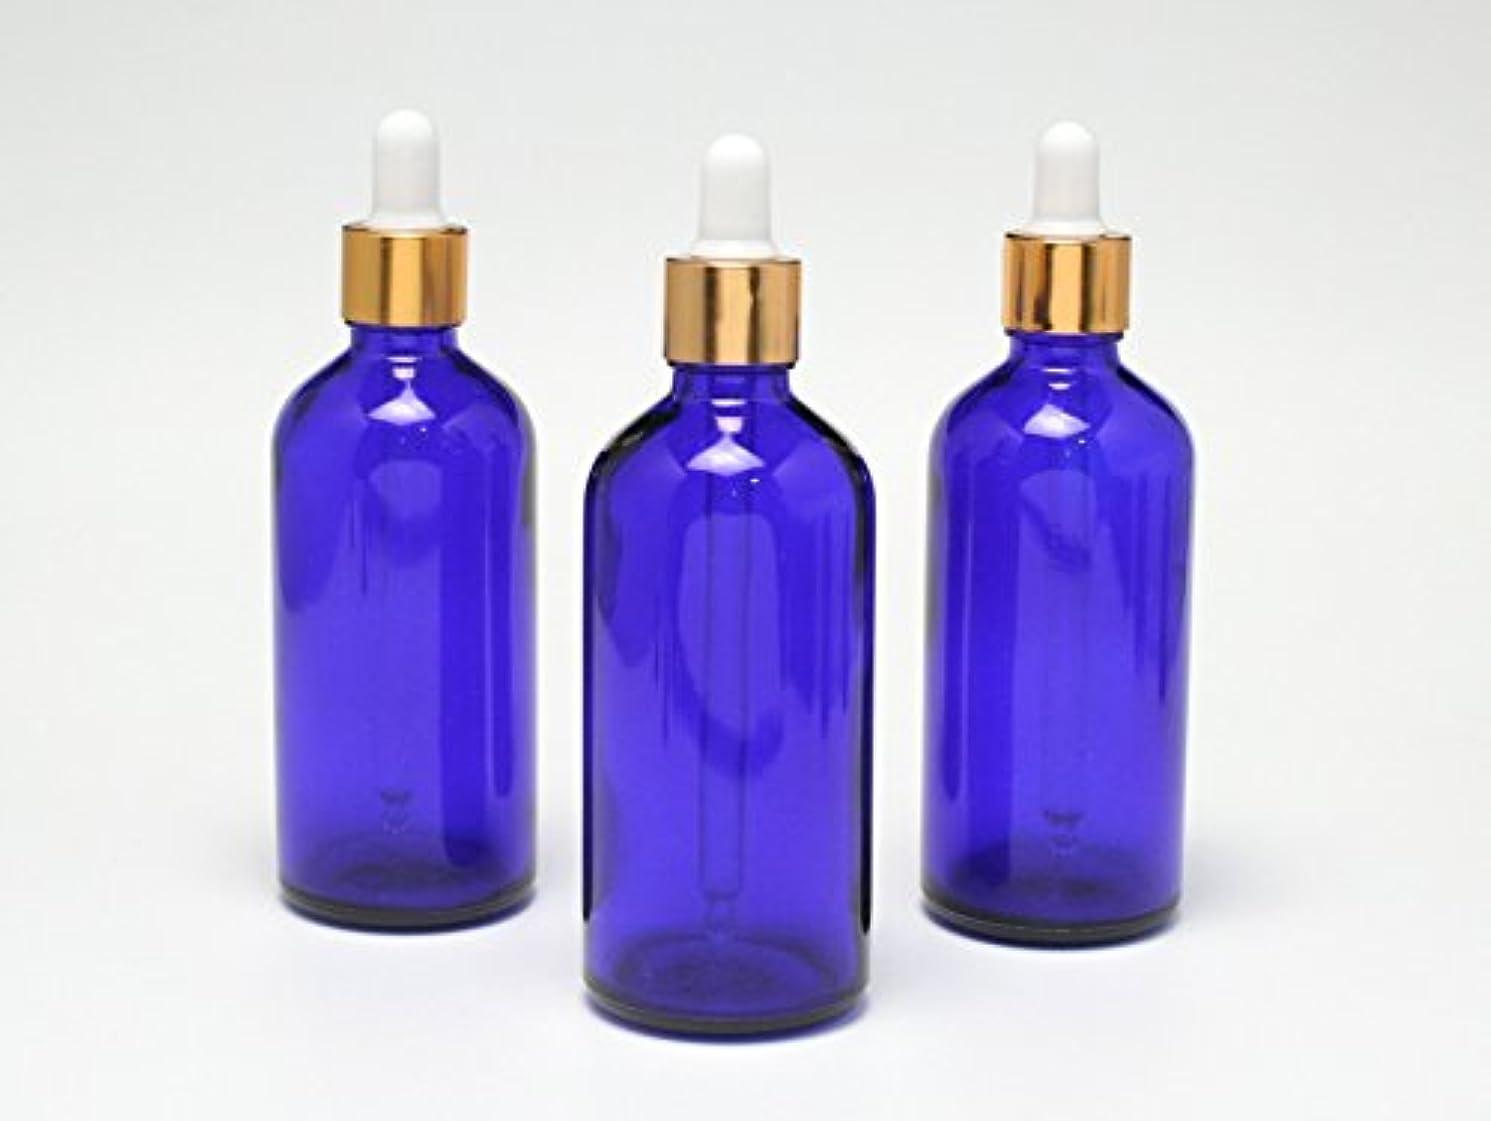 先住民酸度幻滅する遮光瓶 エッセンシャルオイル用 (グラス/スポイトヘッド) 100ml ブルー/ゴールド&ホワイトヘッド 3本セット 【新品アウトレットセール 】